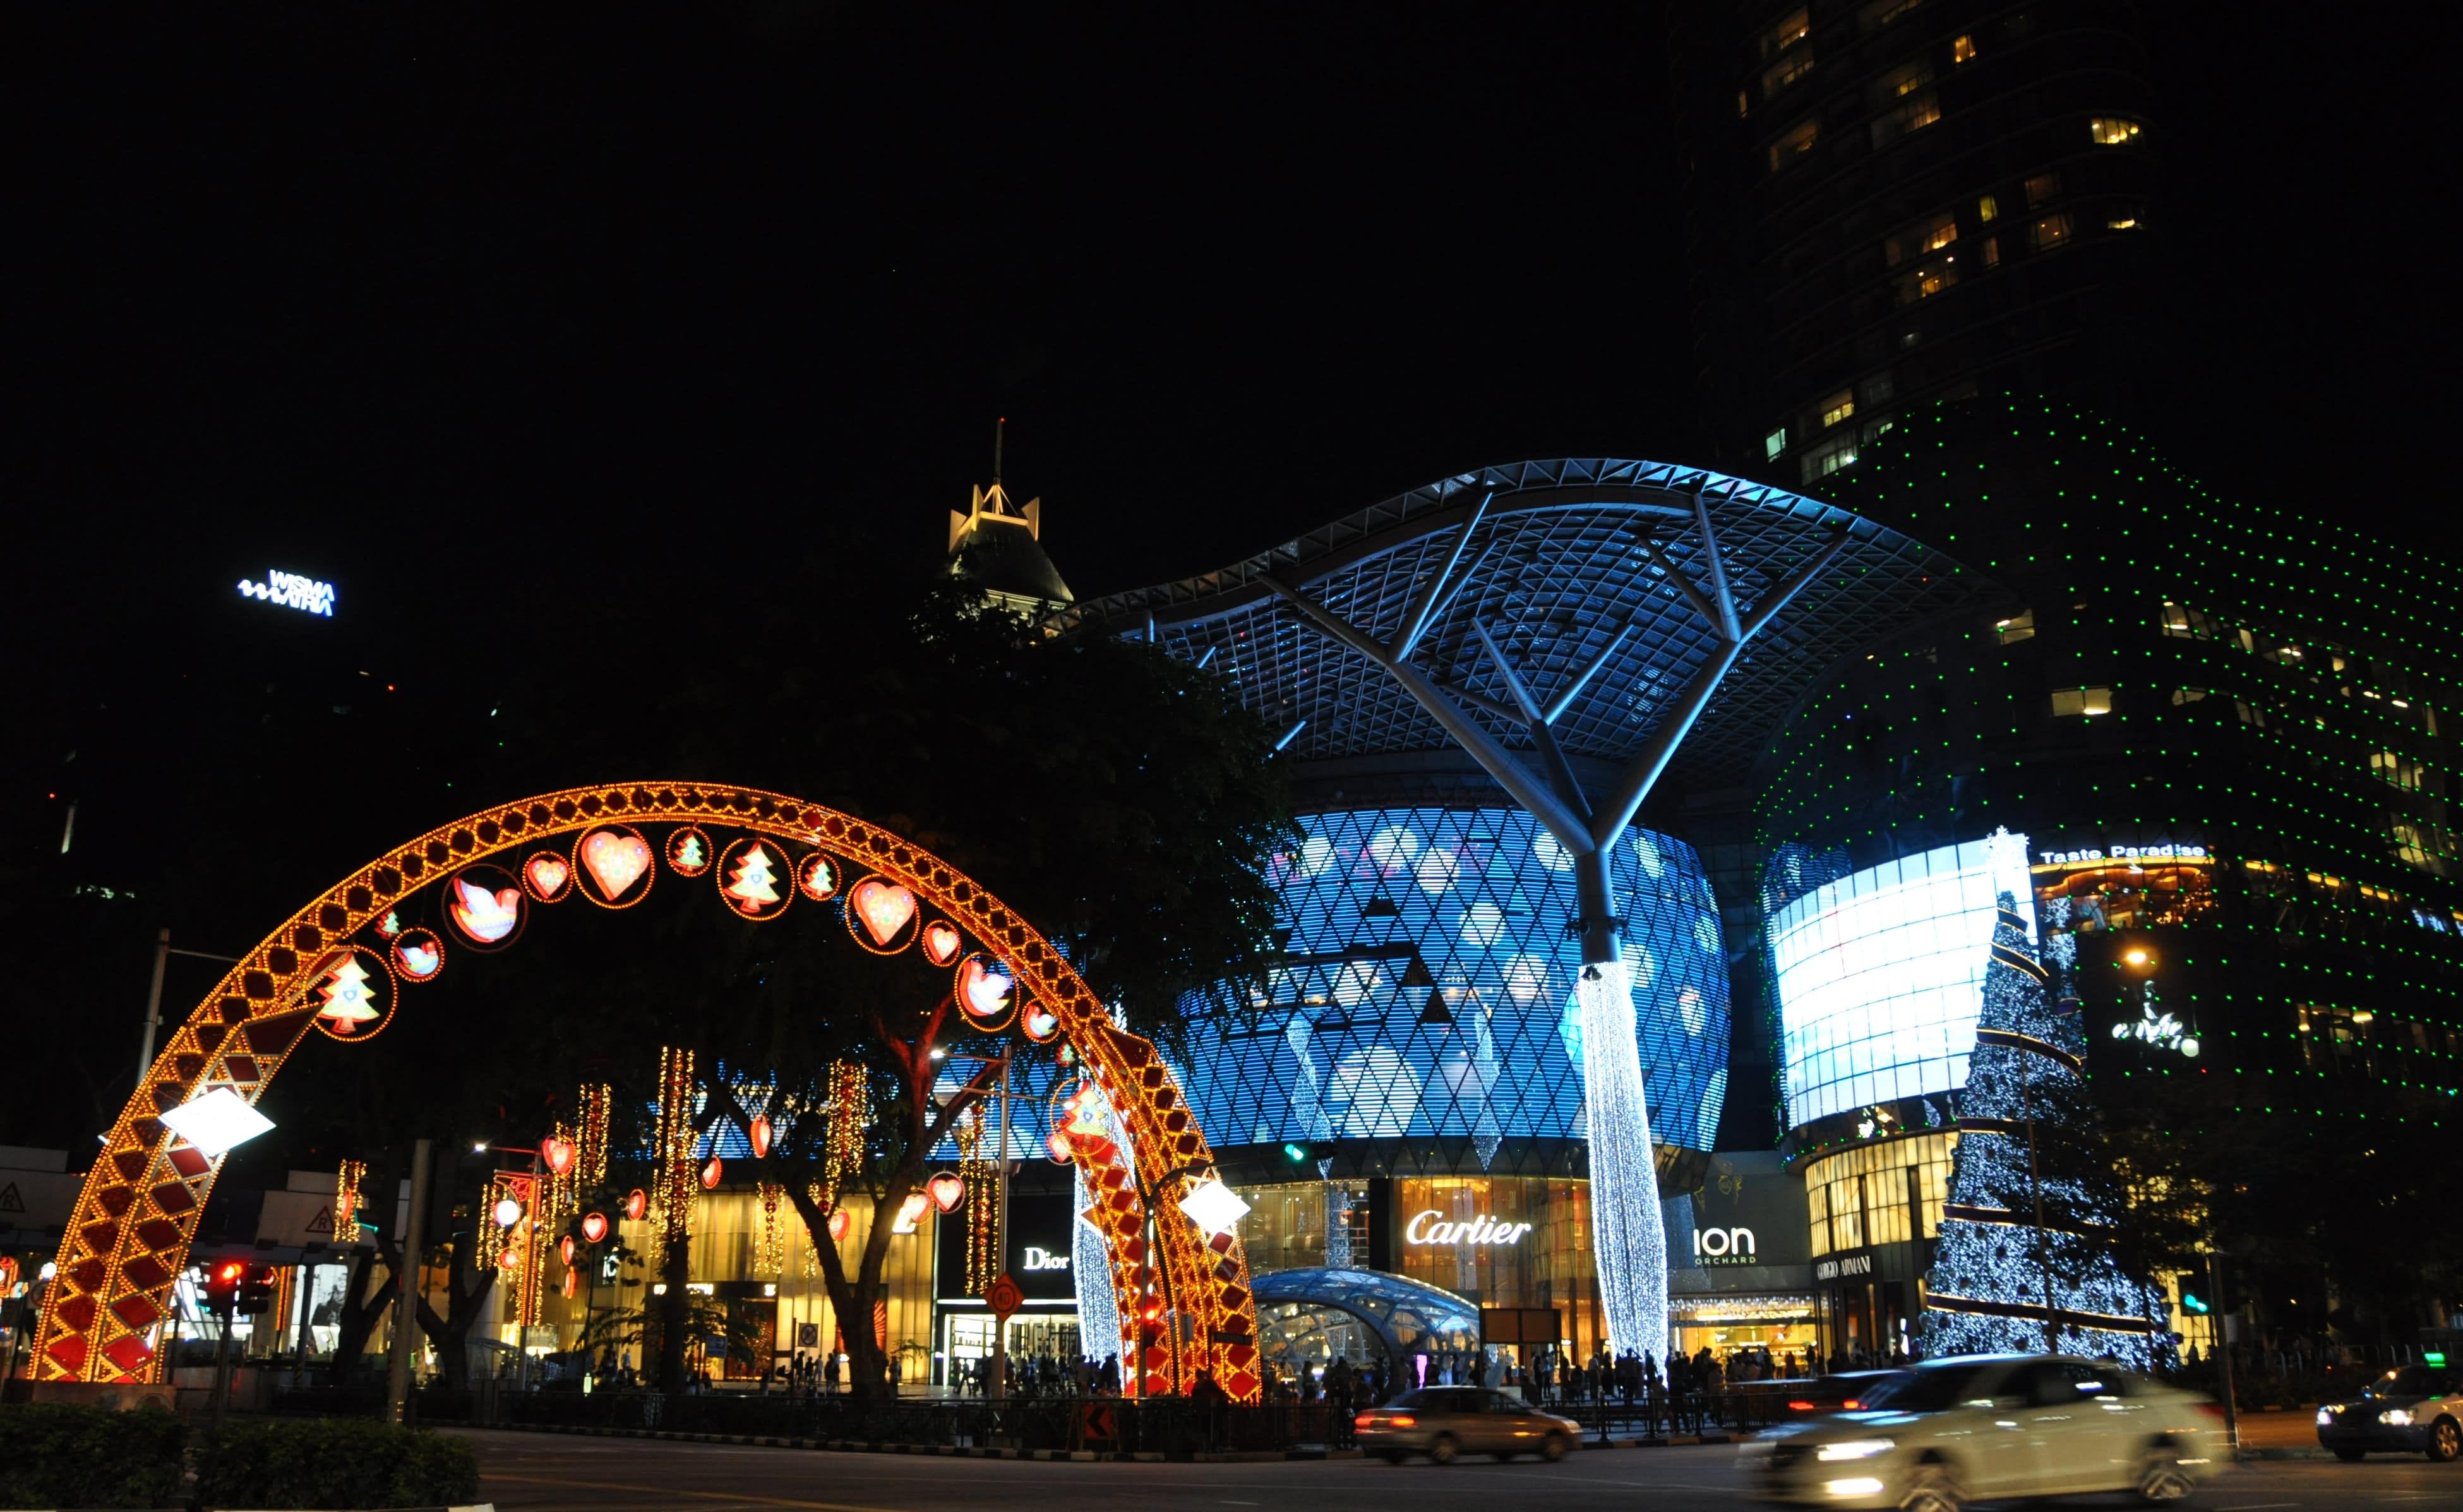 các quán bar ở arab street là một trong những điểm đến ở singapore cho hội độc thân